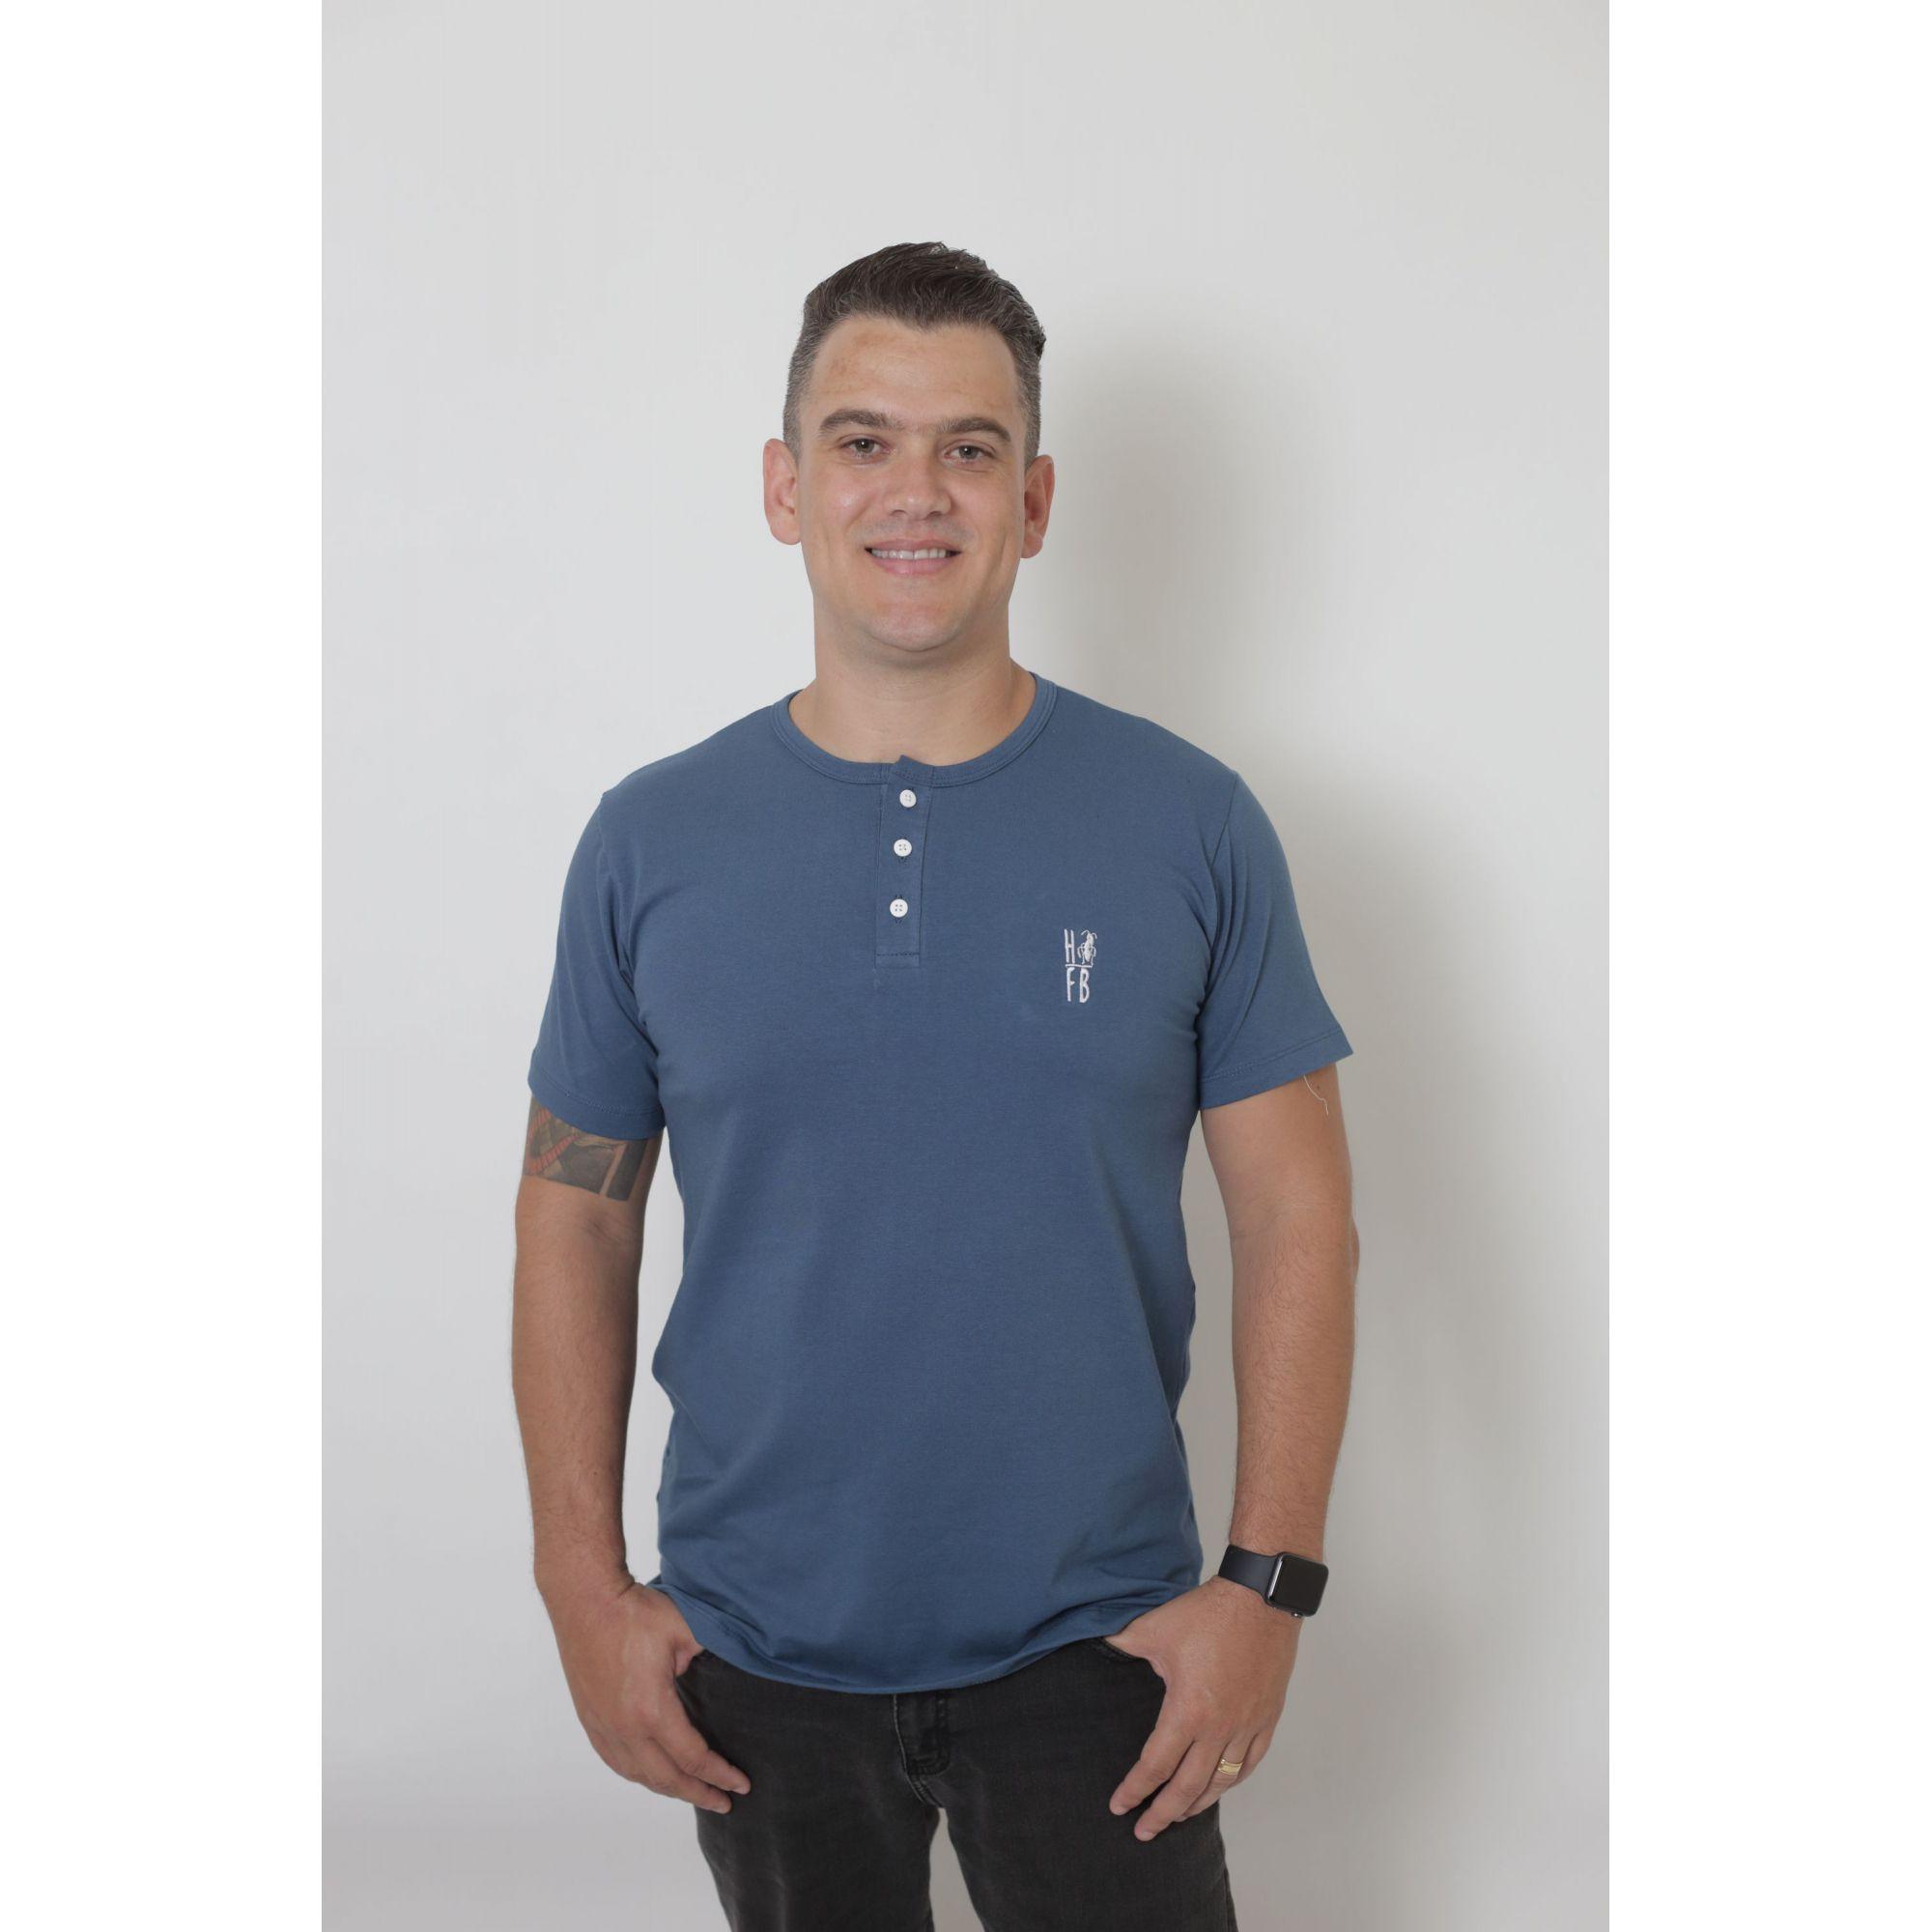 PAIS E FILHOS > Kit 3 Peças T-Shirt + Vestido + Body Unissex Infantil Henley - Azul Petróleo [Coleção Família]  - Heitor Fashion Brazil